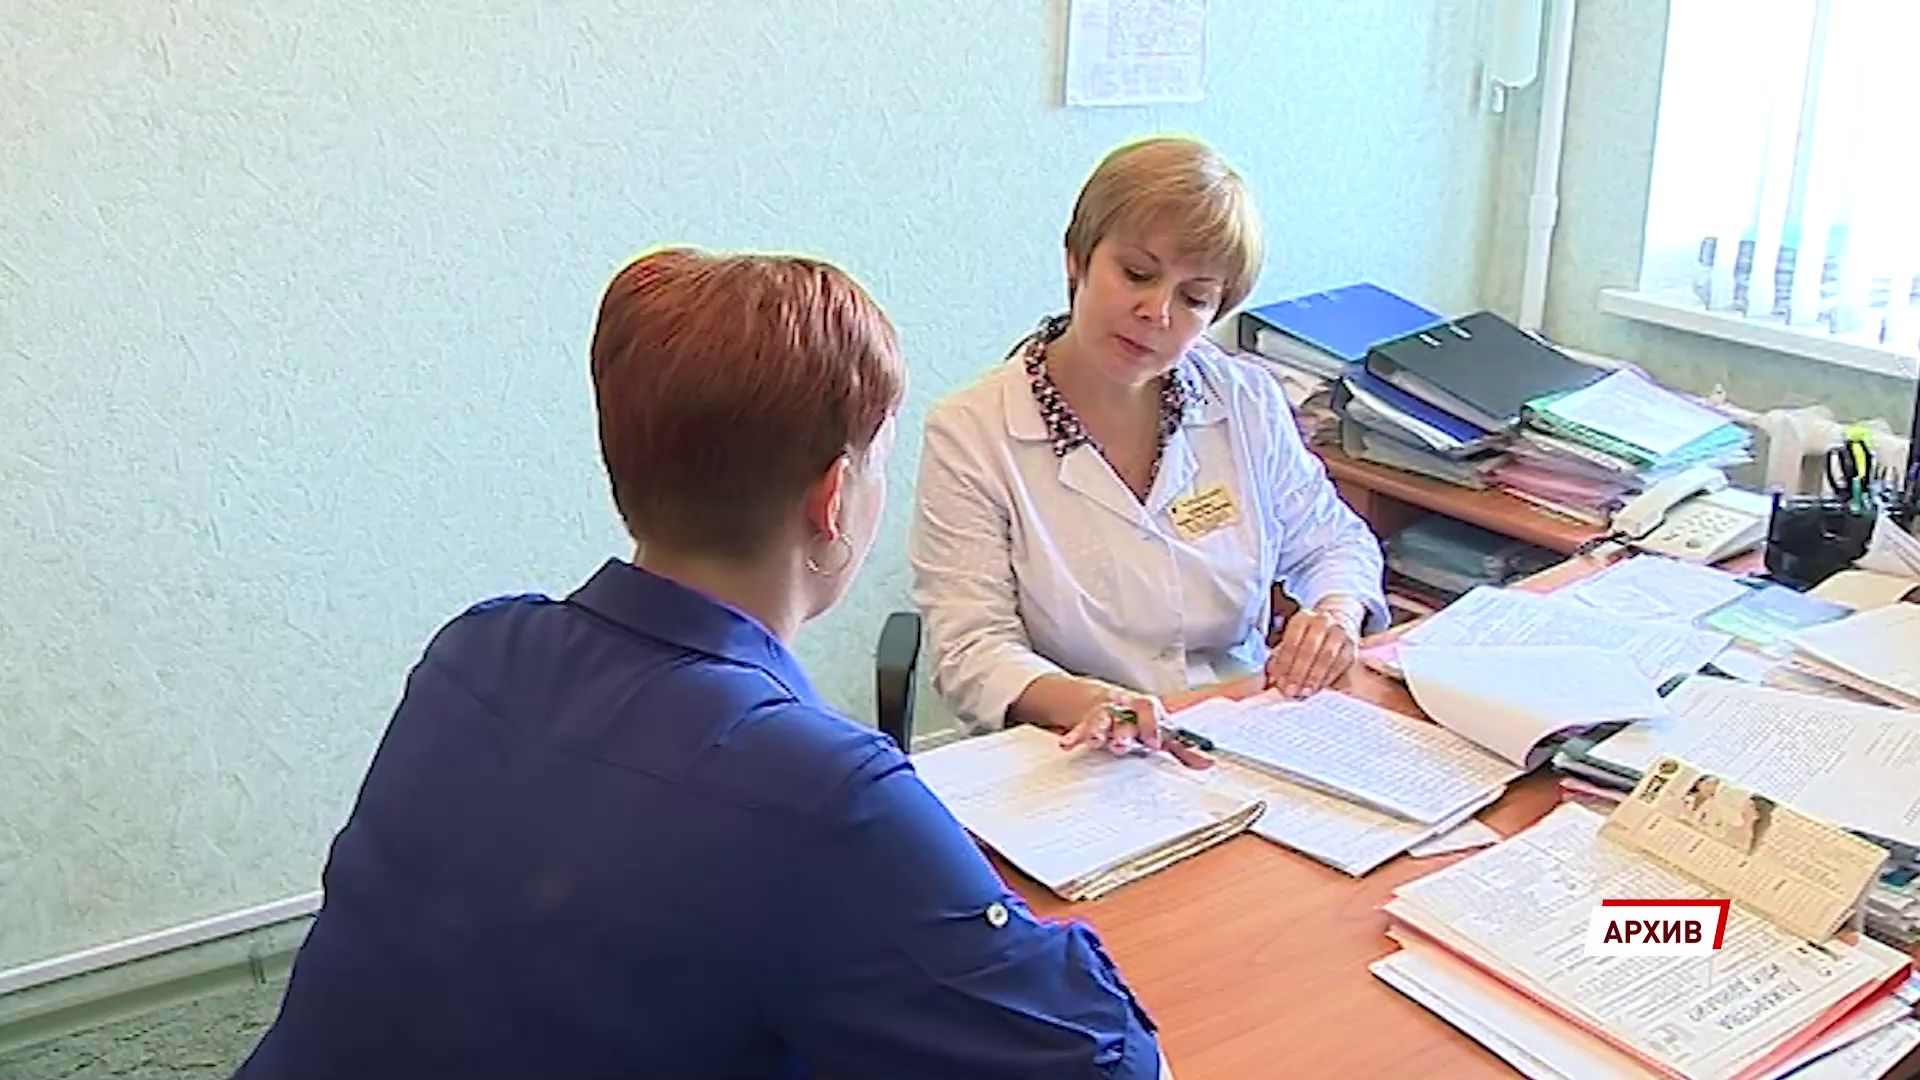 В России могут появиться электронные медицинские карты